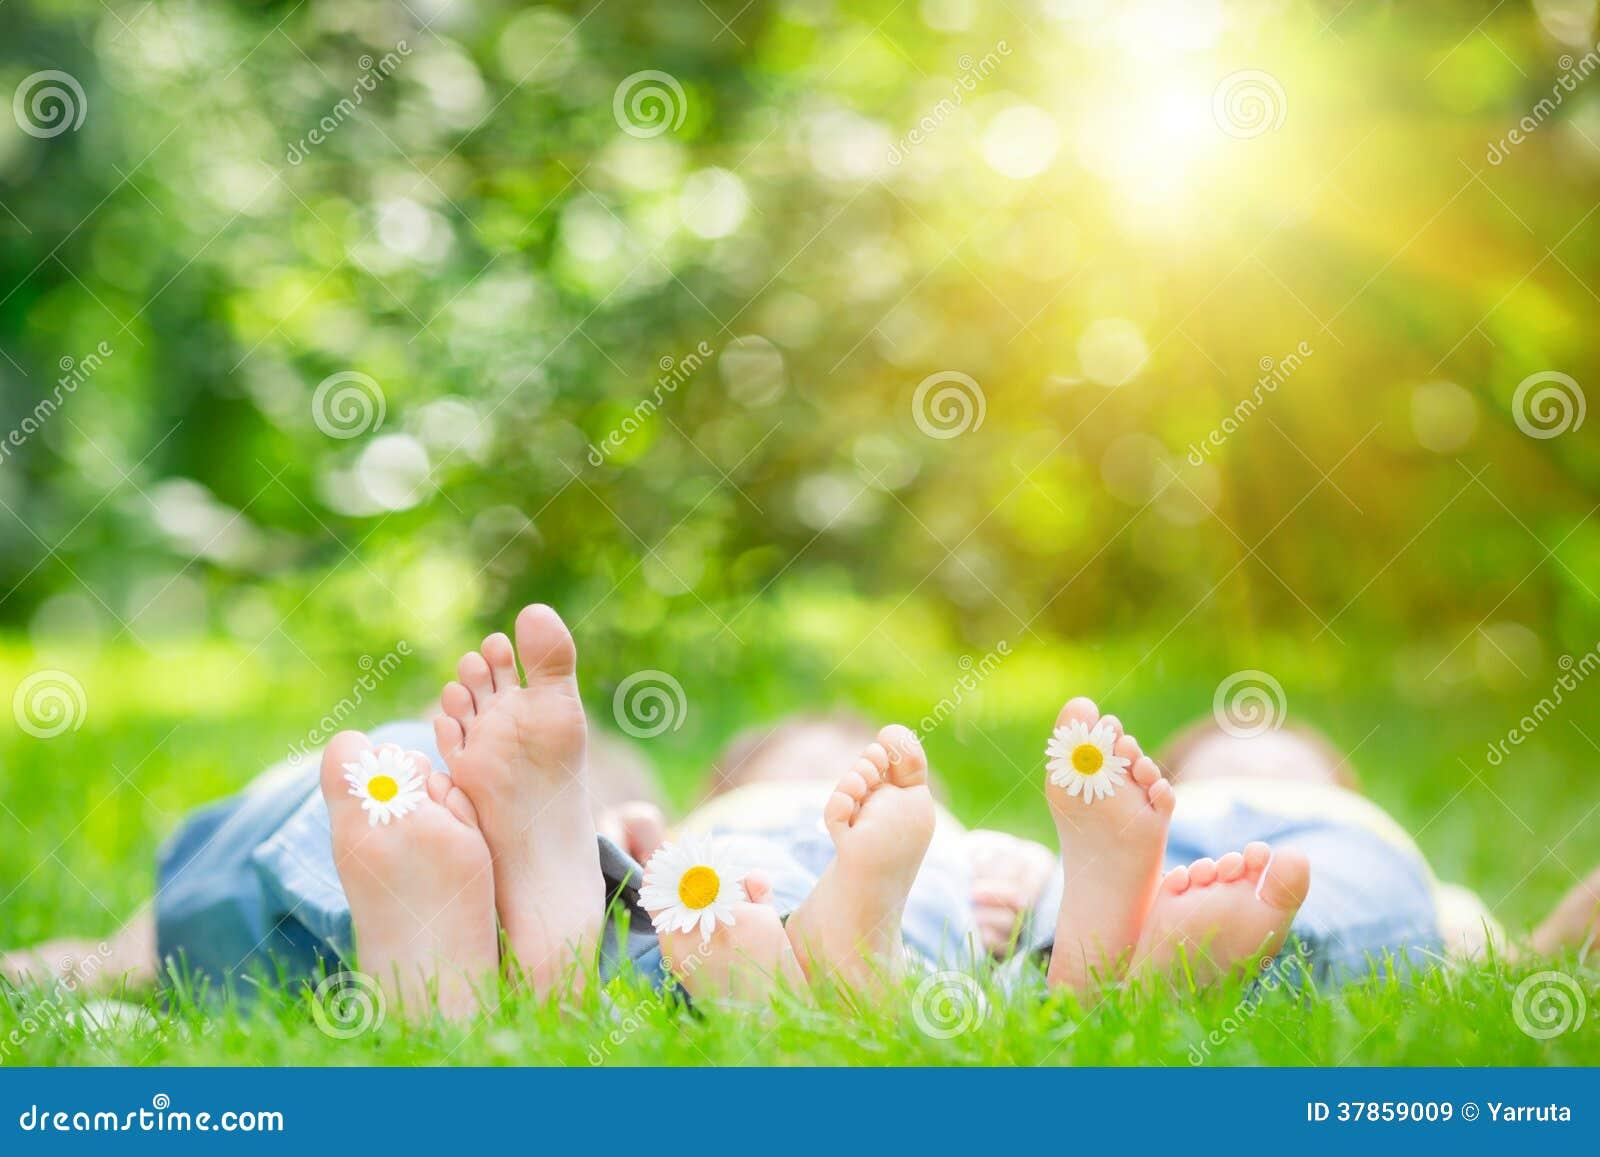 Famille se trouvant sur l herbe